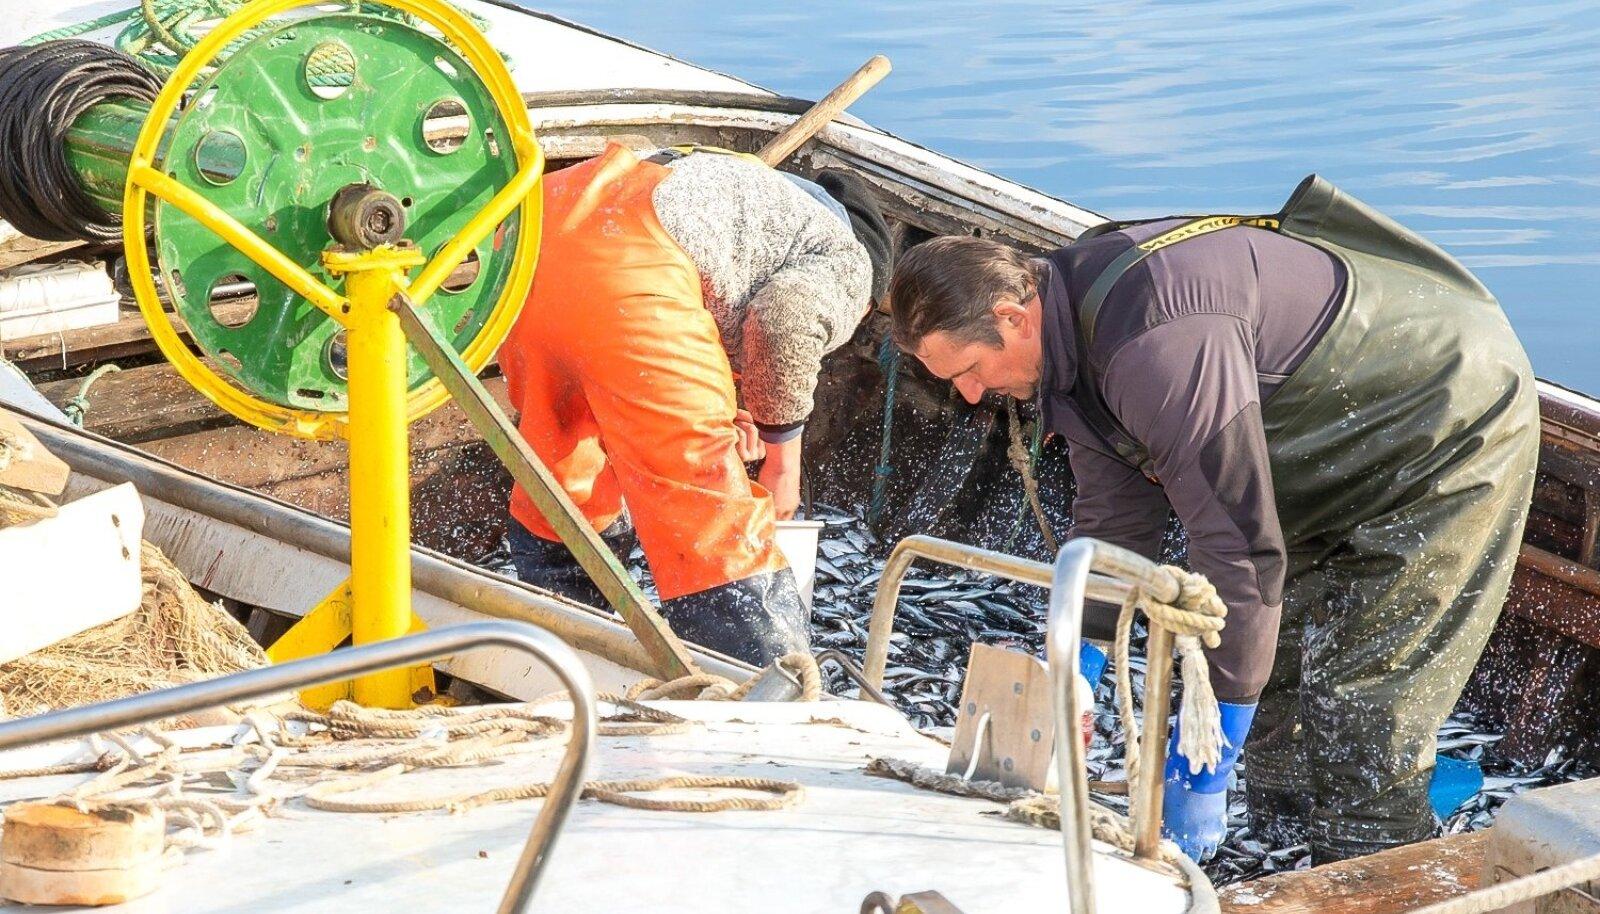 Kui kalur väidab, et hüljes ja kormoran söövad tema kala ära, siis see jutt eriti tõsiseltvõetav ei ole. Kaluril pole ju mingit alust vees ujuvat kala enne väljapüüki enda omaks pidada.